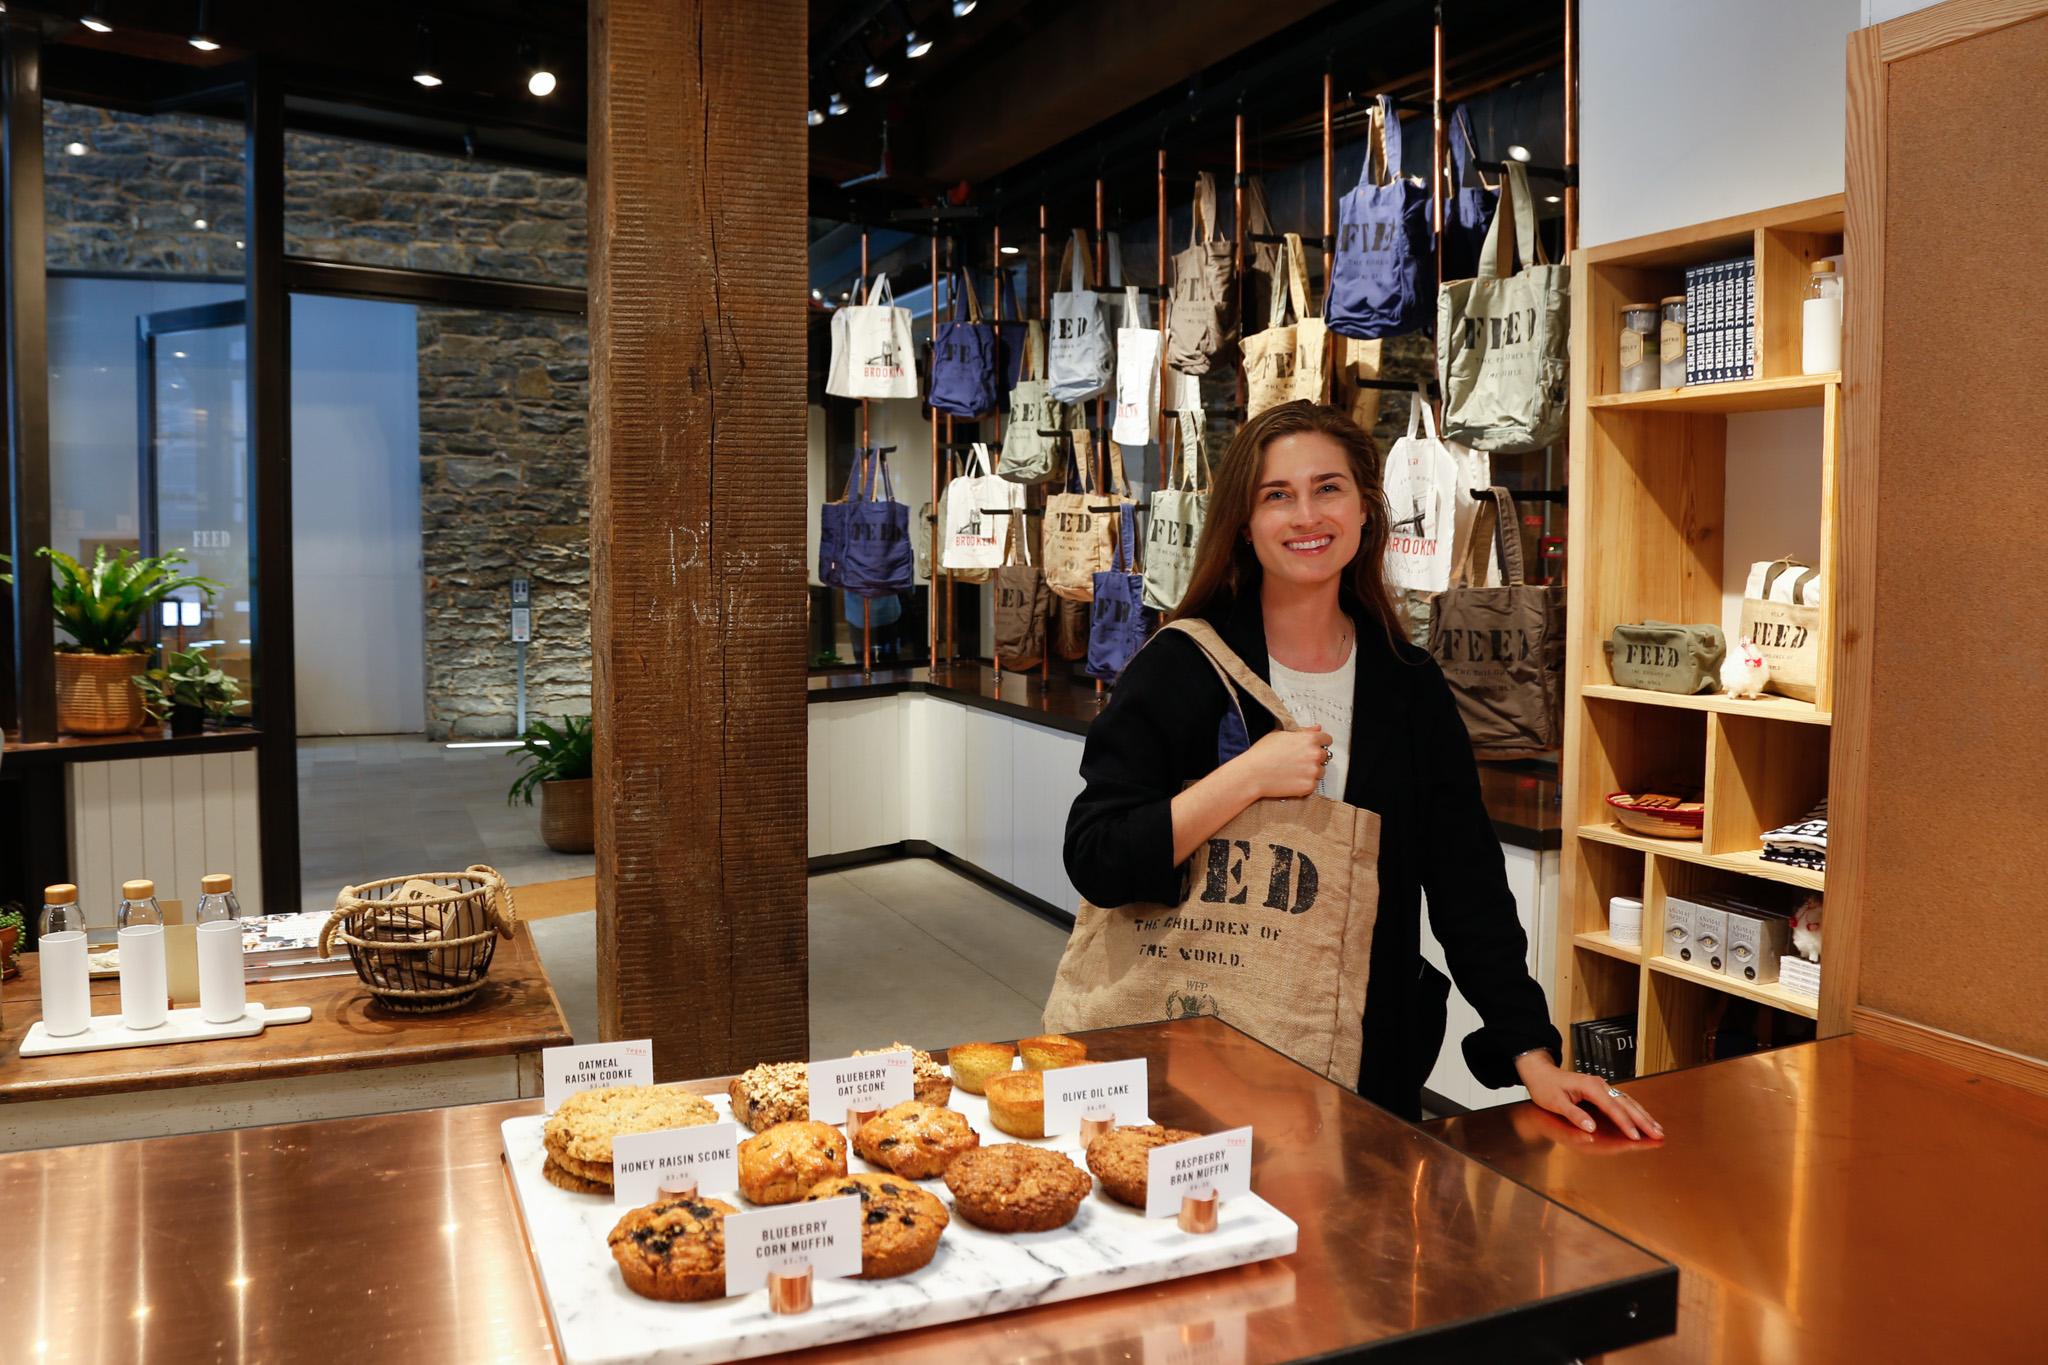 Lauren Bush Lauren at the FEED Shop & Café in DUMBO.